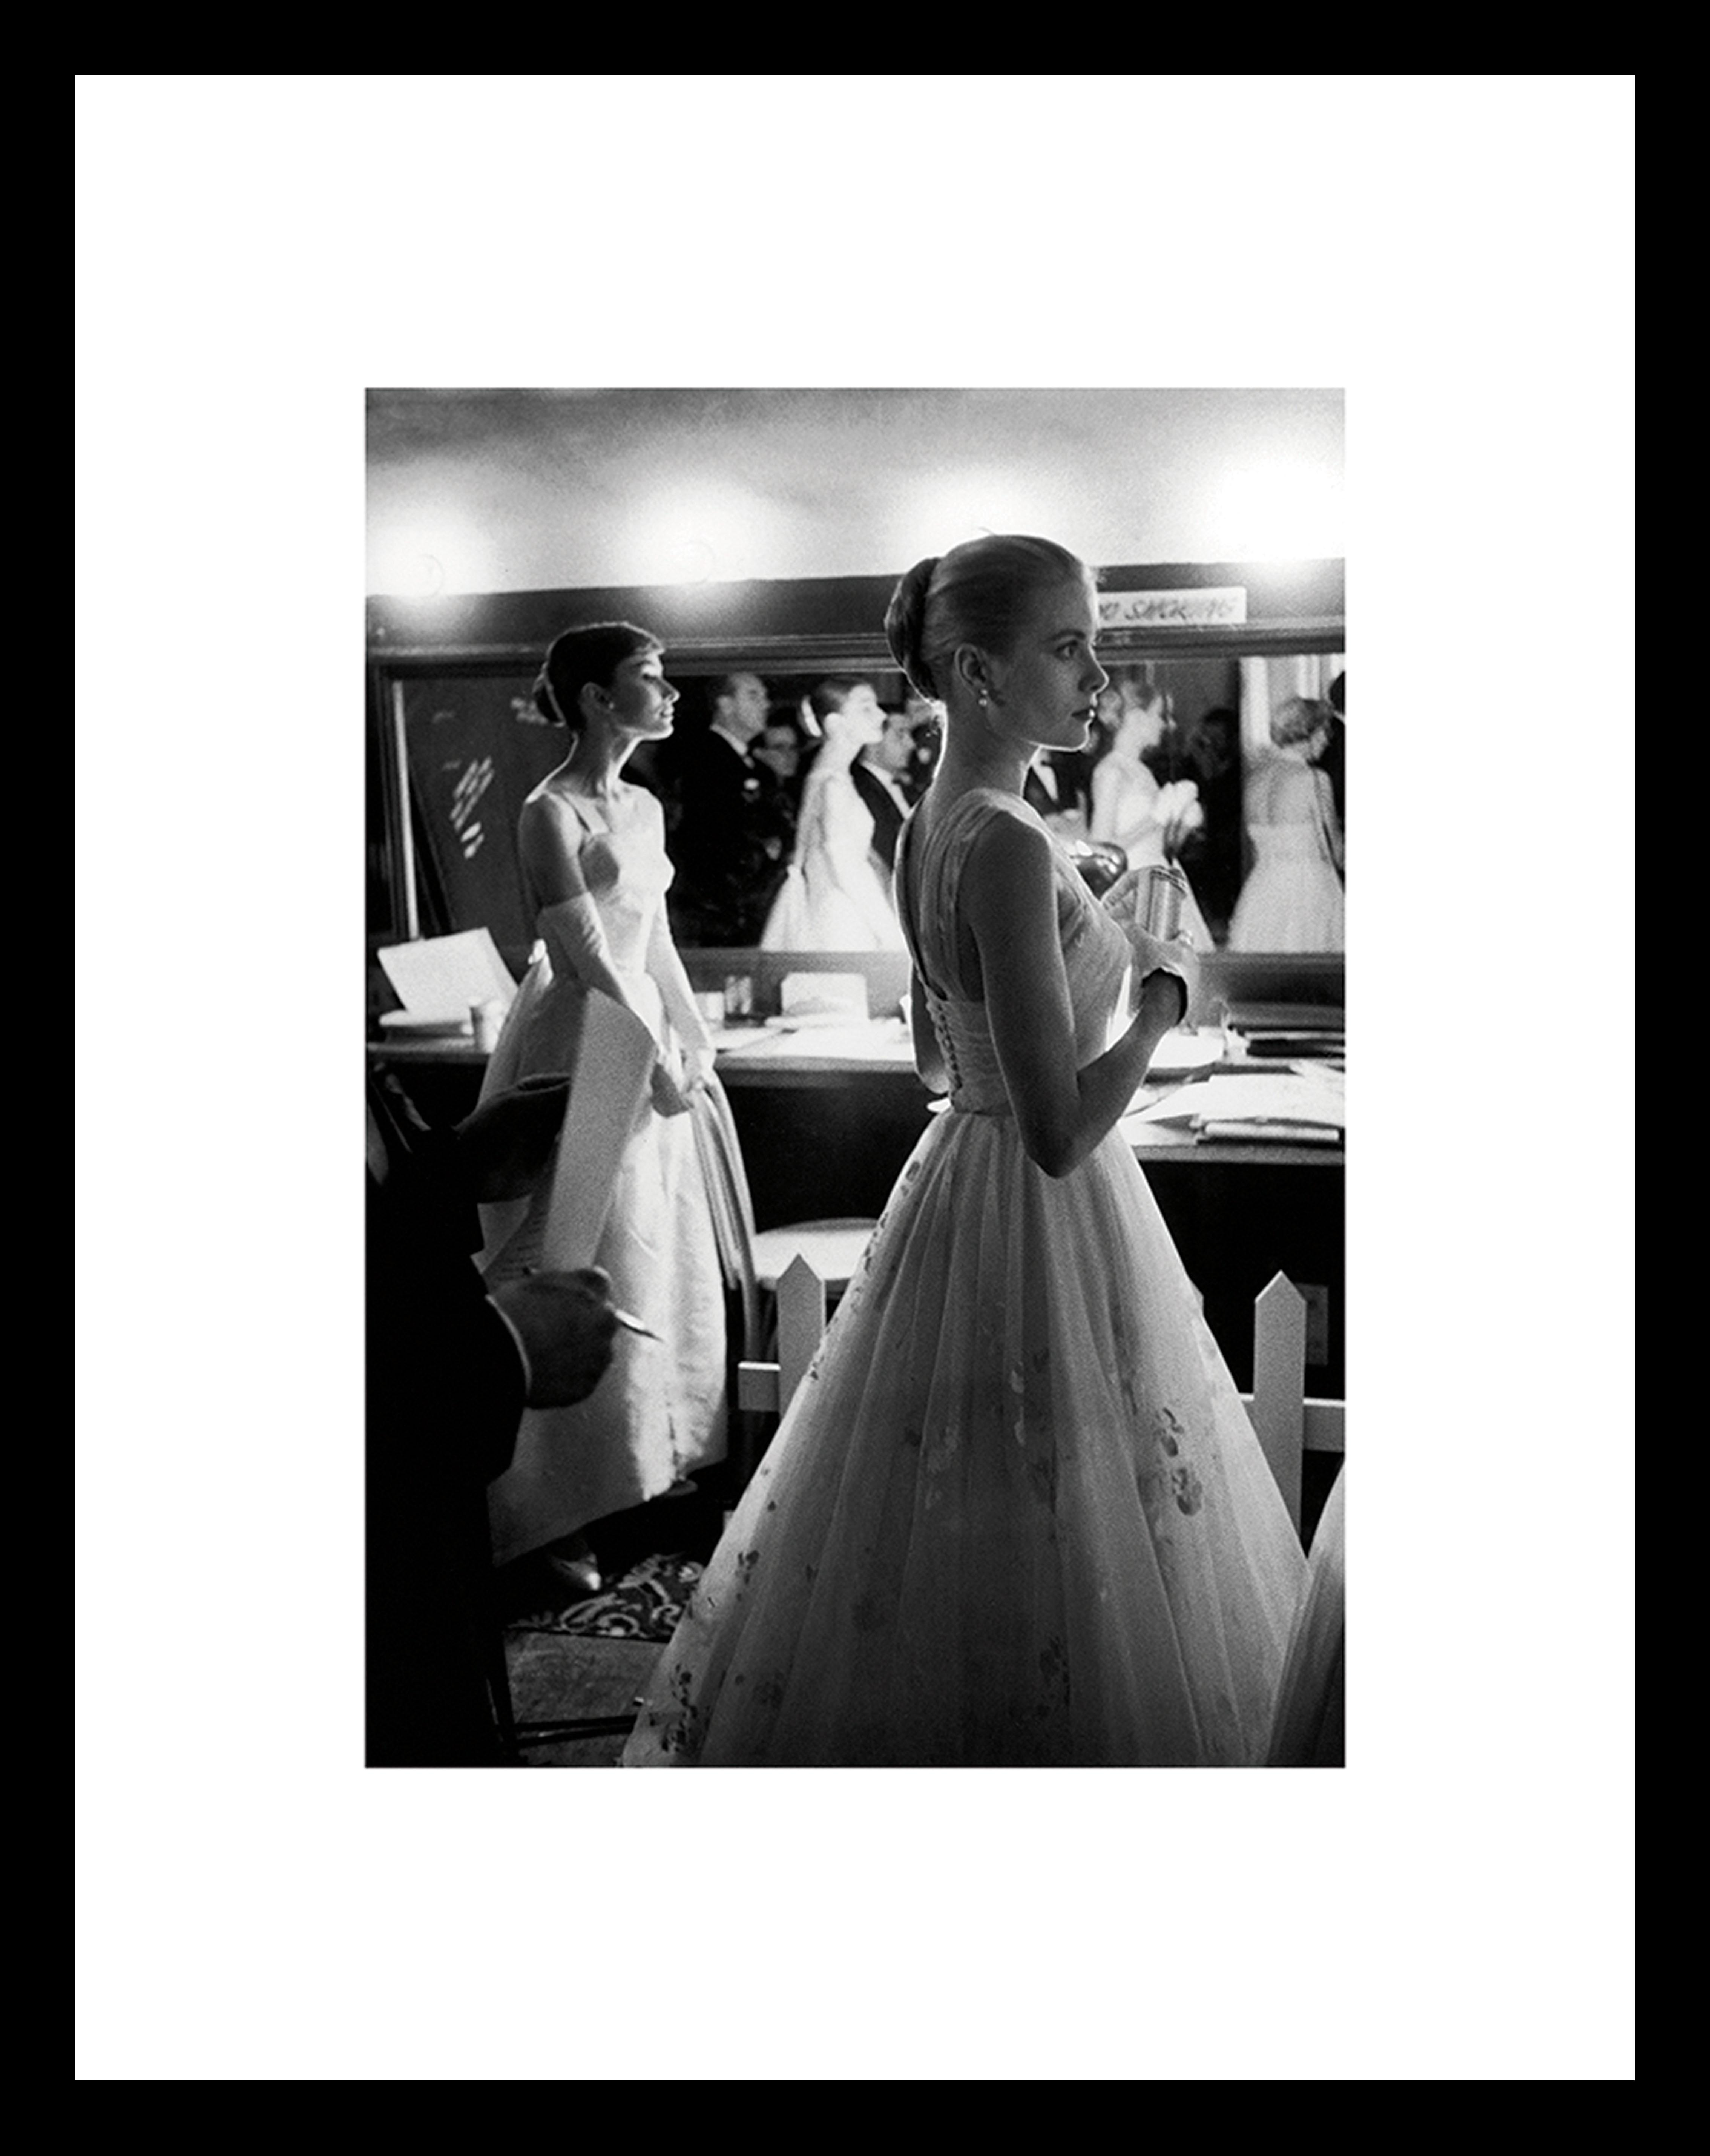 Gerahmter Digitaldruck Grace Kelly & Audrey Hepburn, Bild: Digitaldruck auf Papier, Rahmen: Kunststoff (PU), Front: Glas, Rückseite: Mitteldichte Faserplatte , Bild: Schwarz, WeissRahmen: Schwarz, 35 x 45 cm